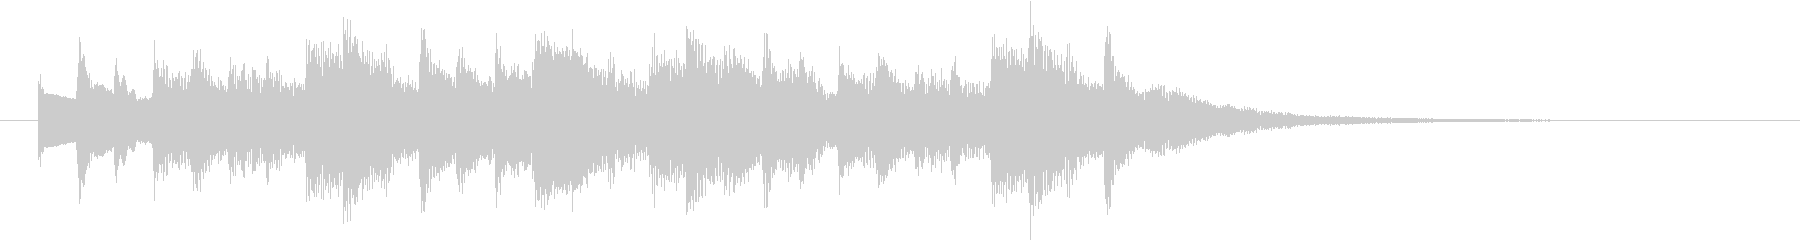 多用途効果音-06の未再生の波形